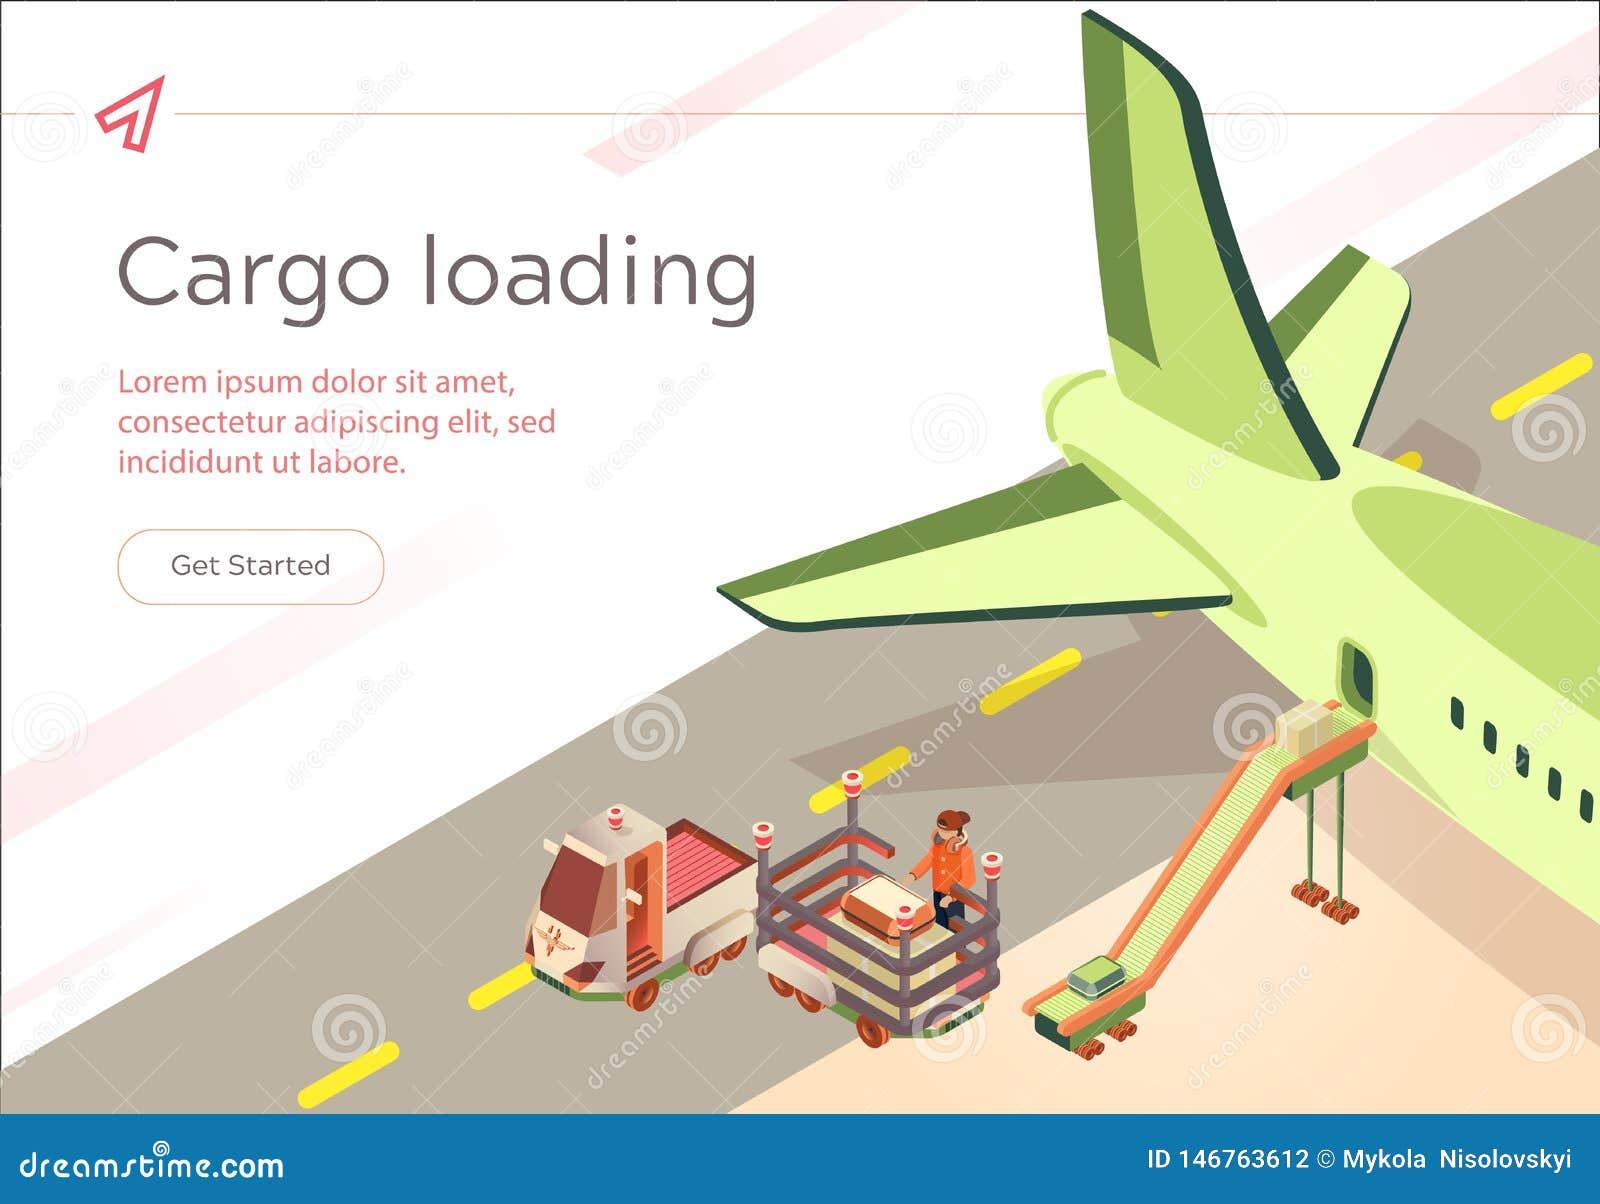 Vector Banner Cargo Loading Flight Preparation.